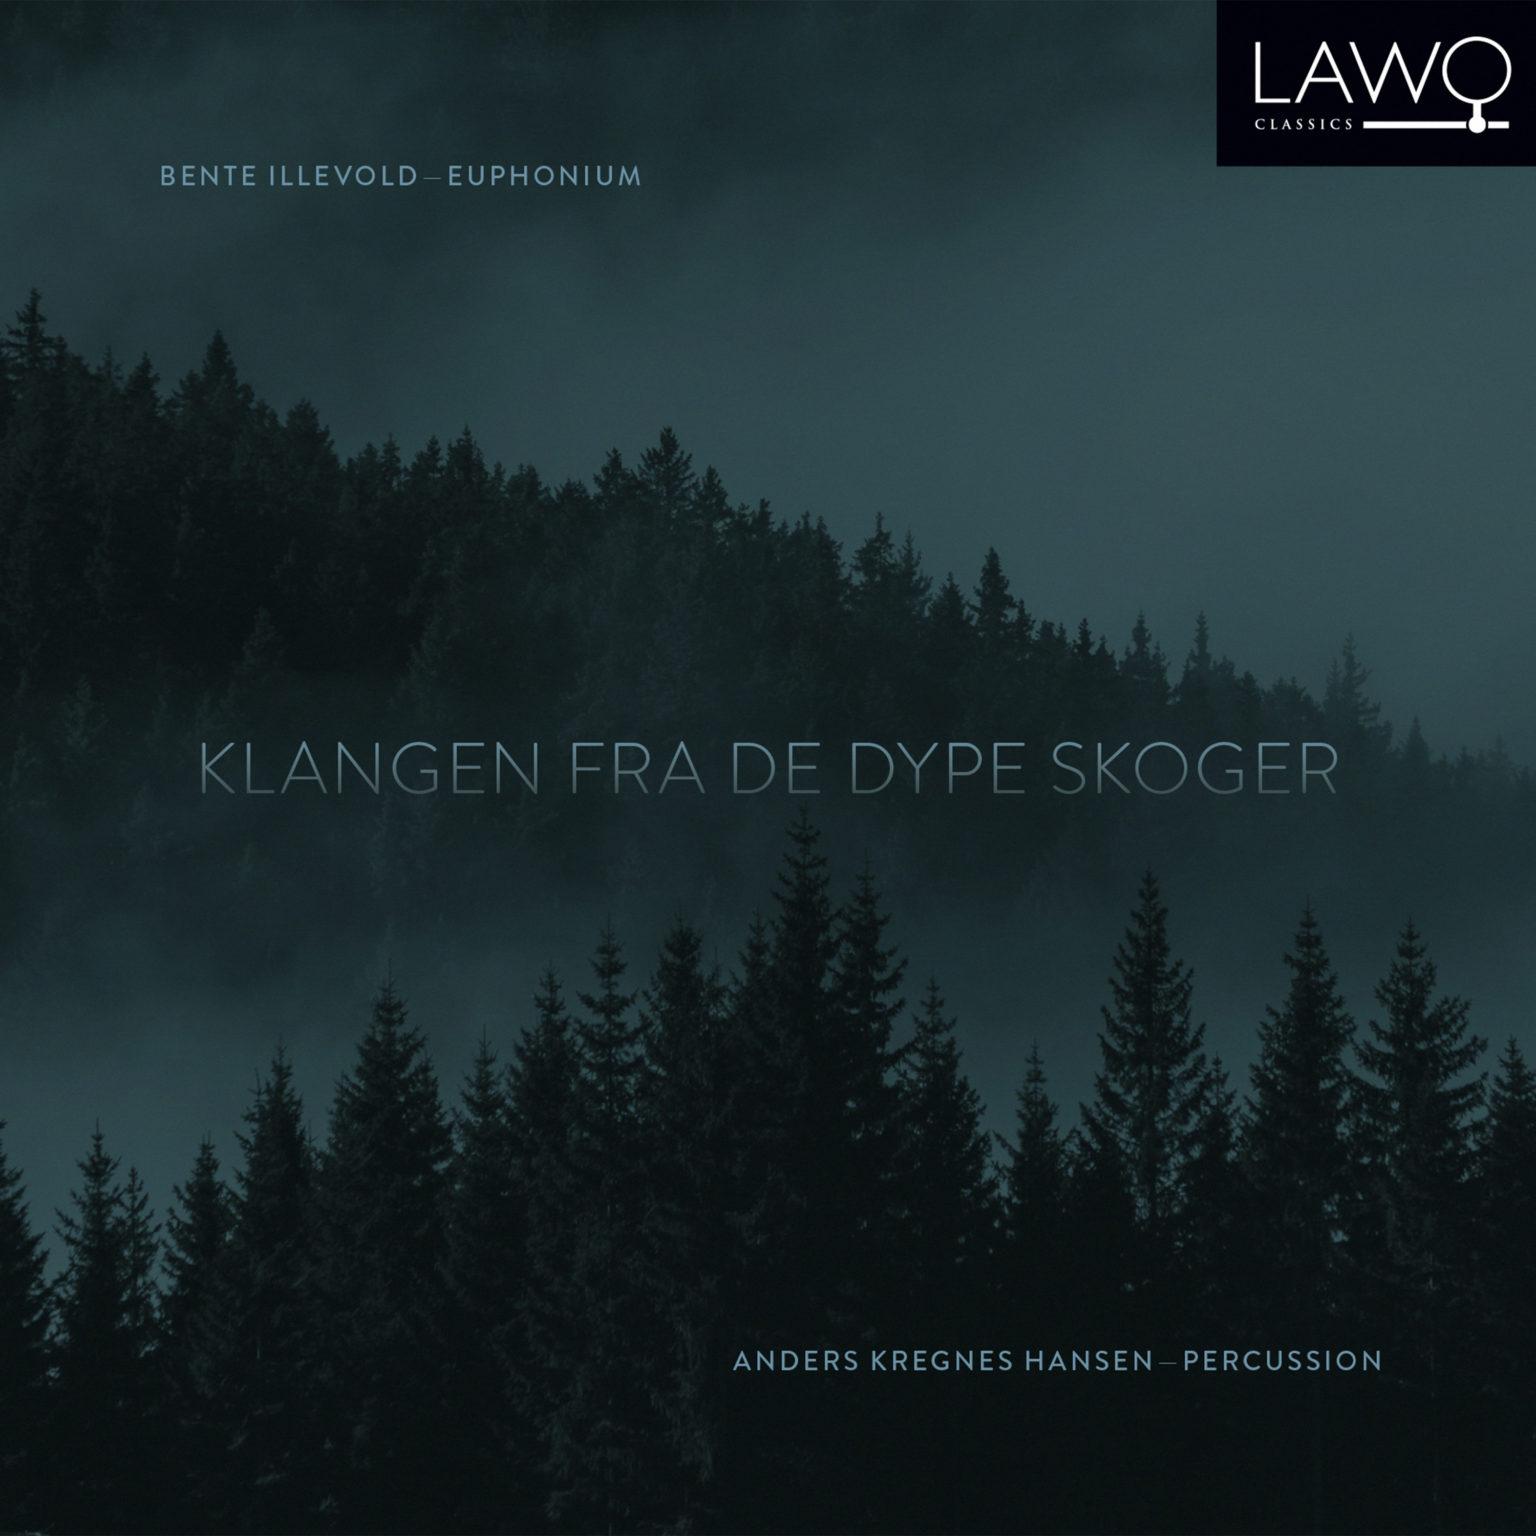 Click image for larger version.  Name:LWC1195_Bente_Illevold_Klangen_fra_de_dype_skoger_cover_3000x3000px-1536x1536.jpg Views:929 Size:174.8 KB ID:7720